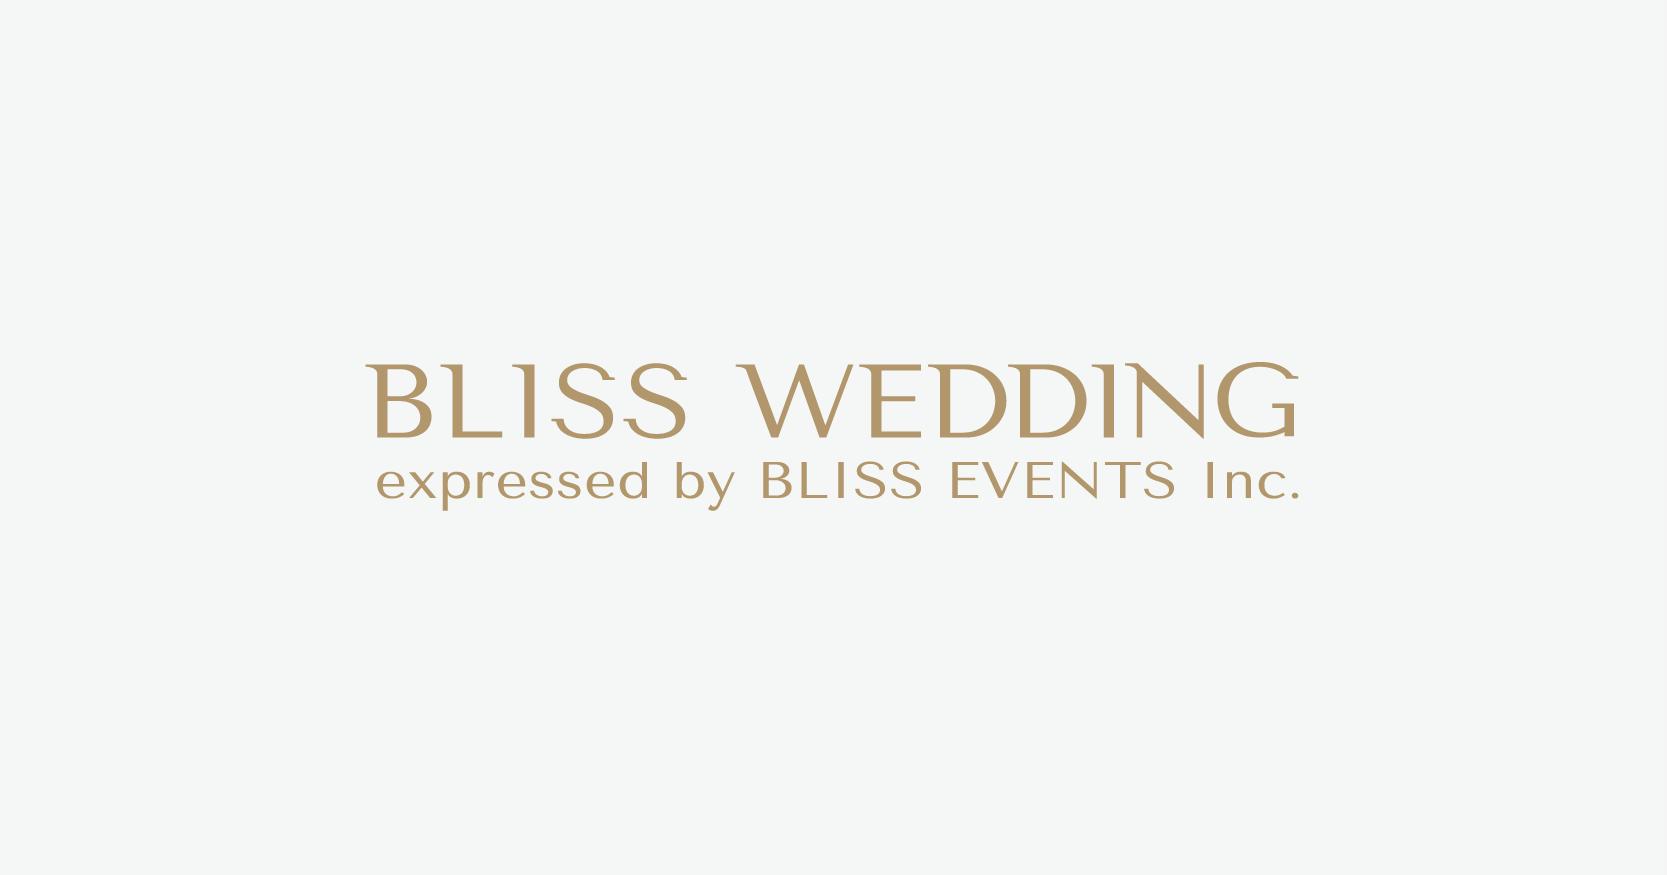 BLISS EVENTS株式会社に社名変更いたしました